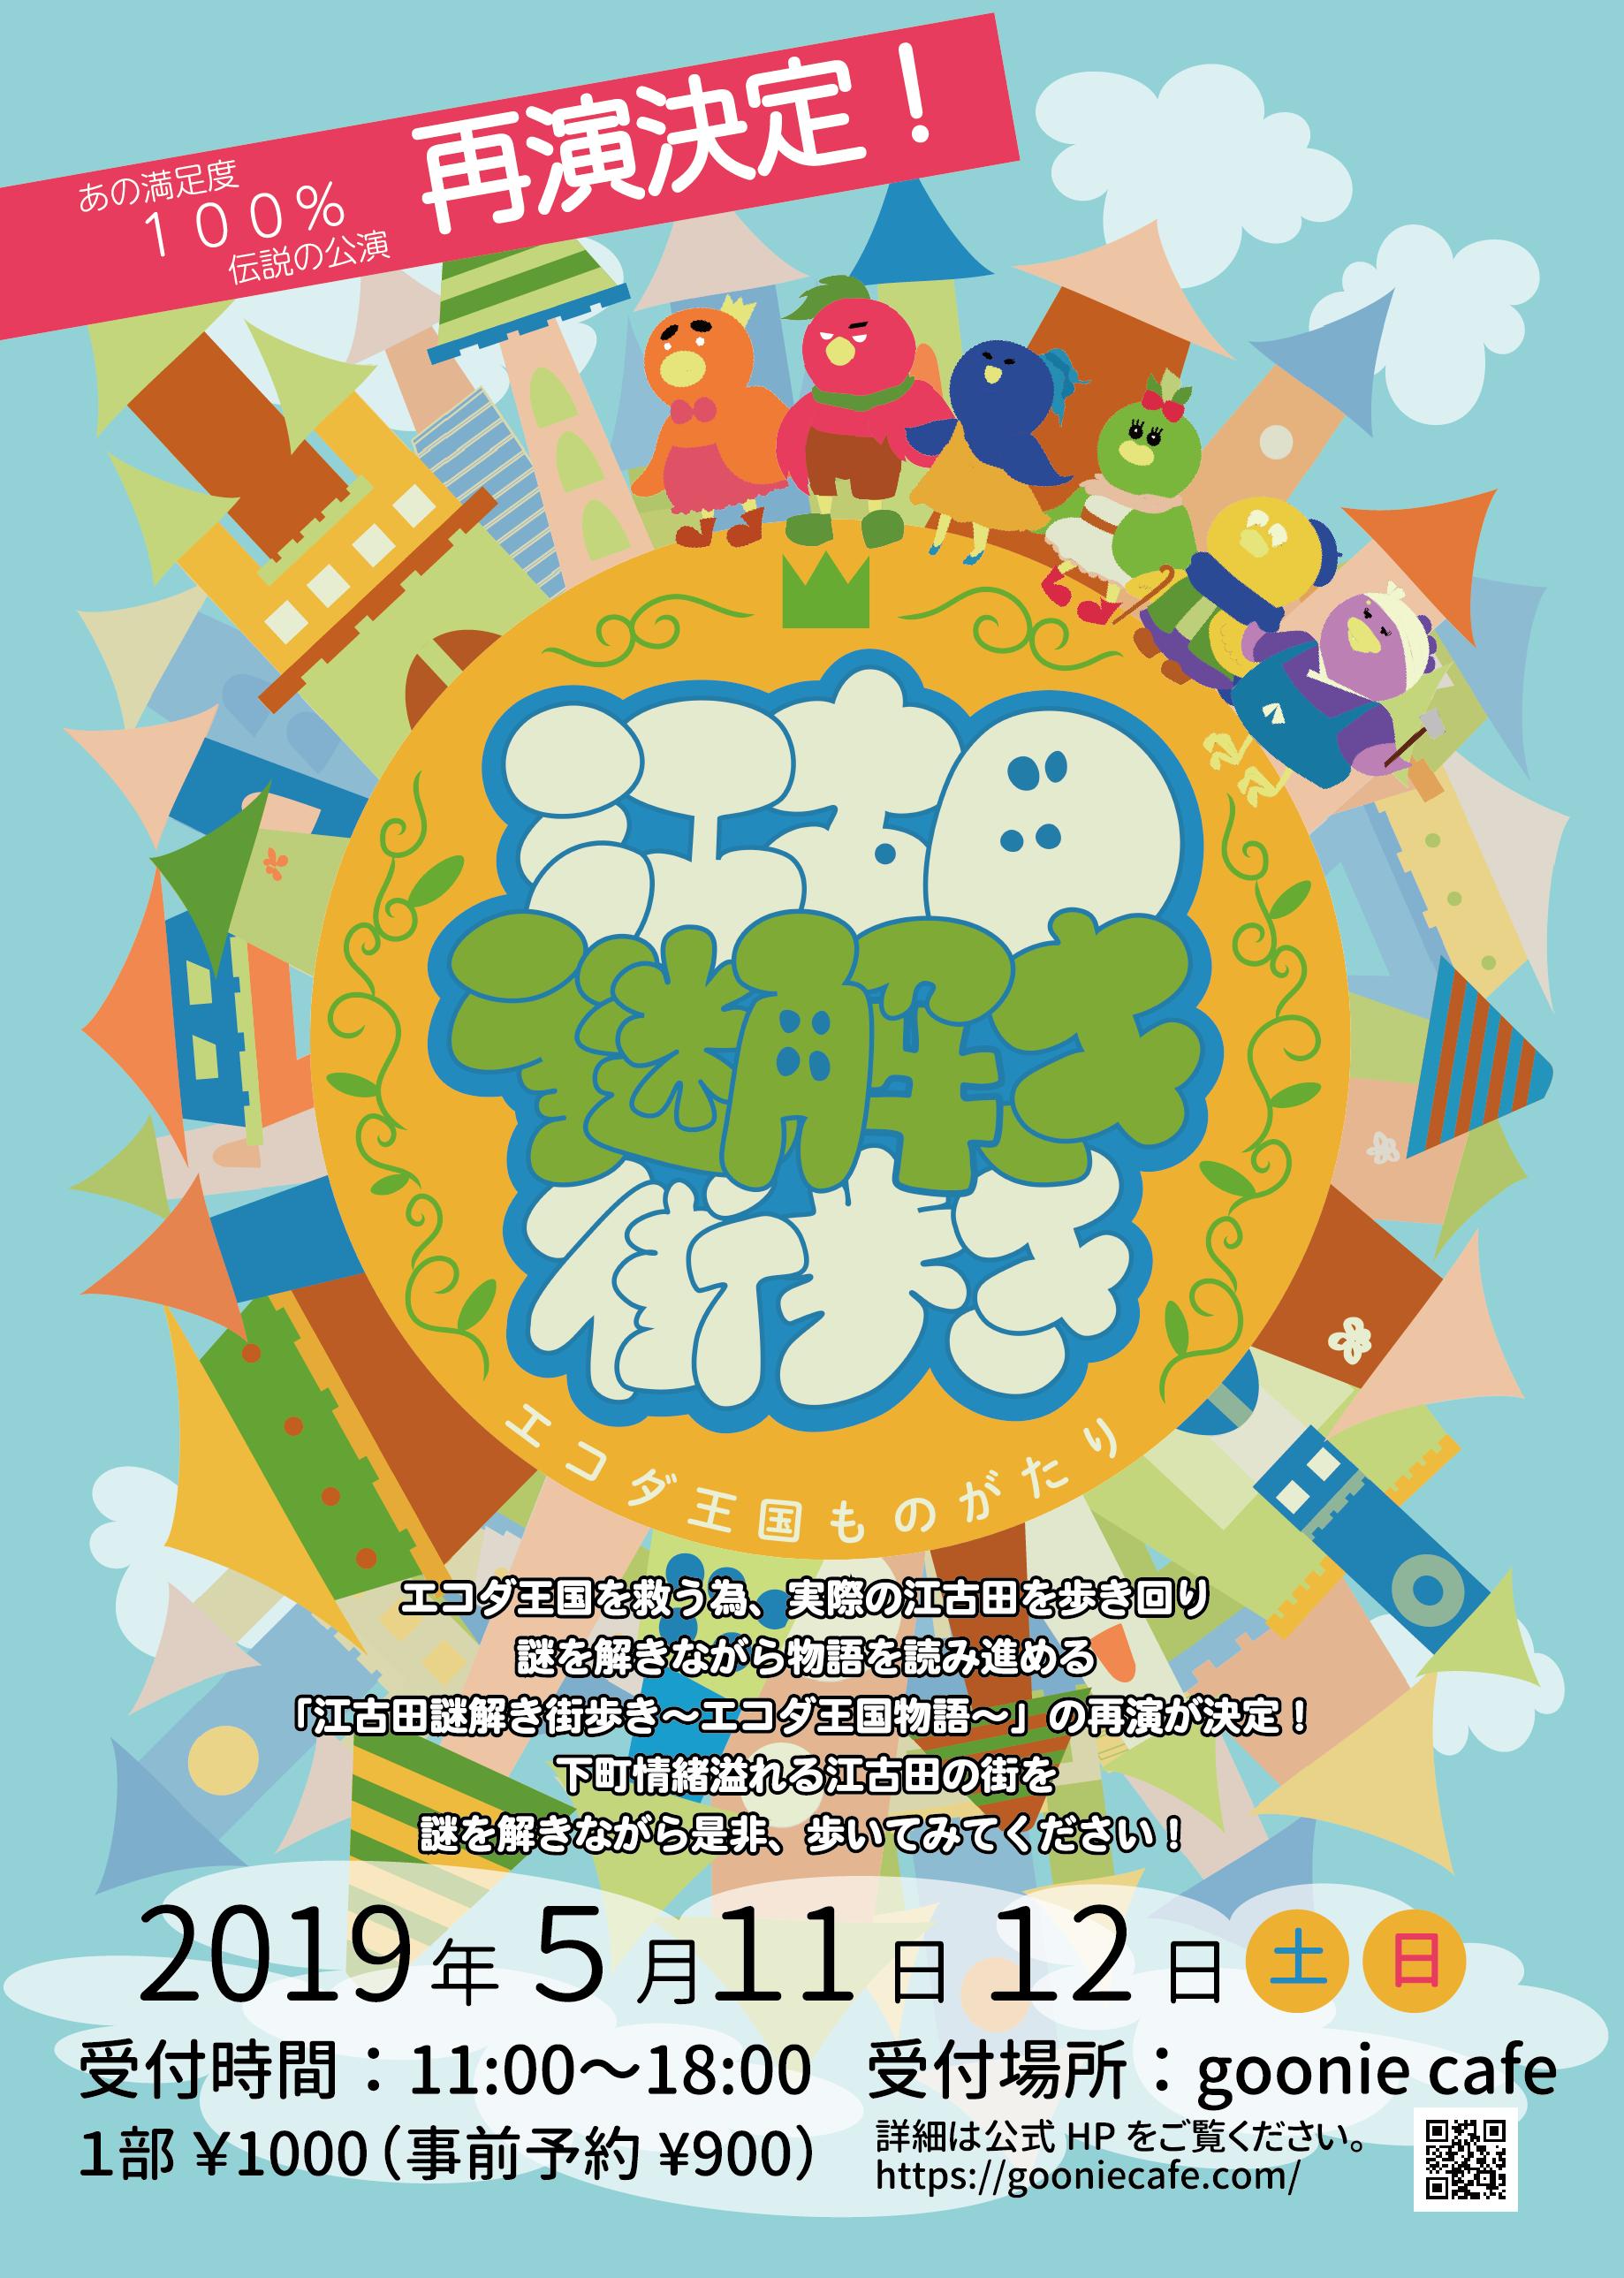 【2019/5/11.12】江古田謎解き街歩き〜エコダ王国物語〜【再演】